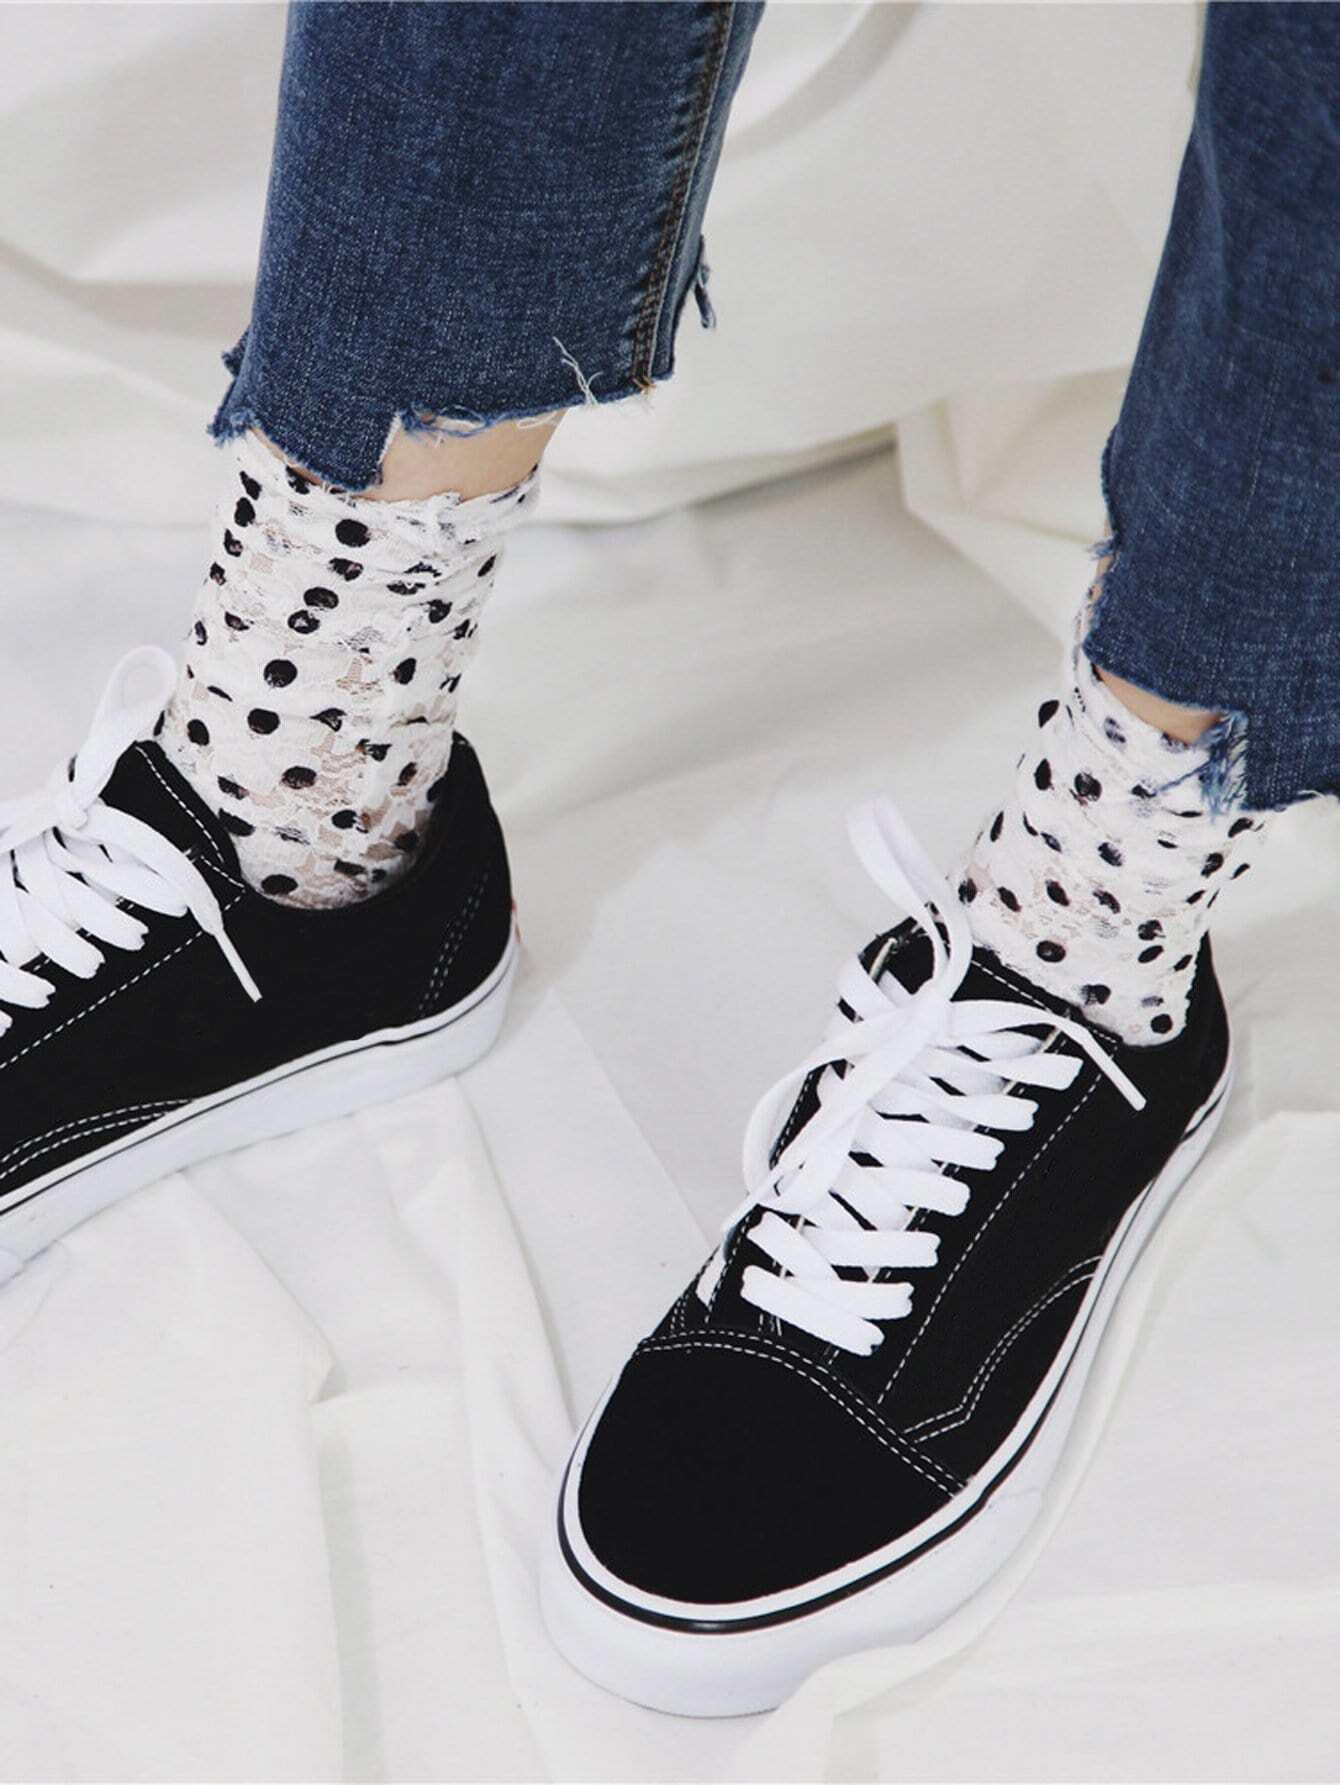 Socken mit Punkte und Spitzen 1Paar